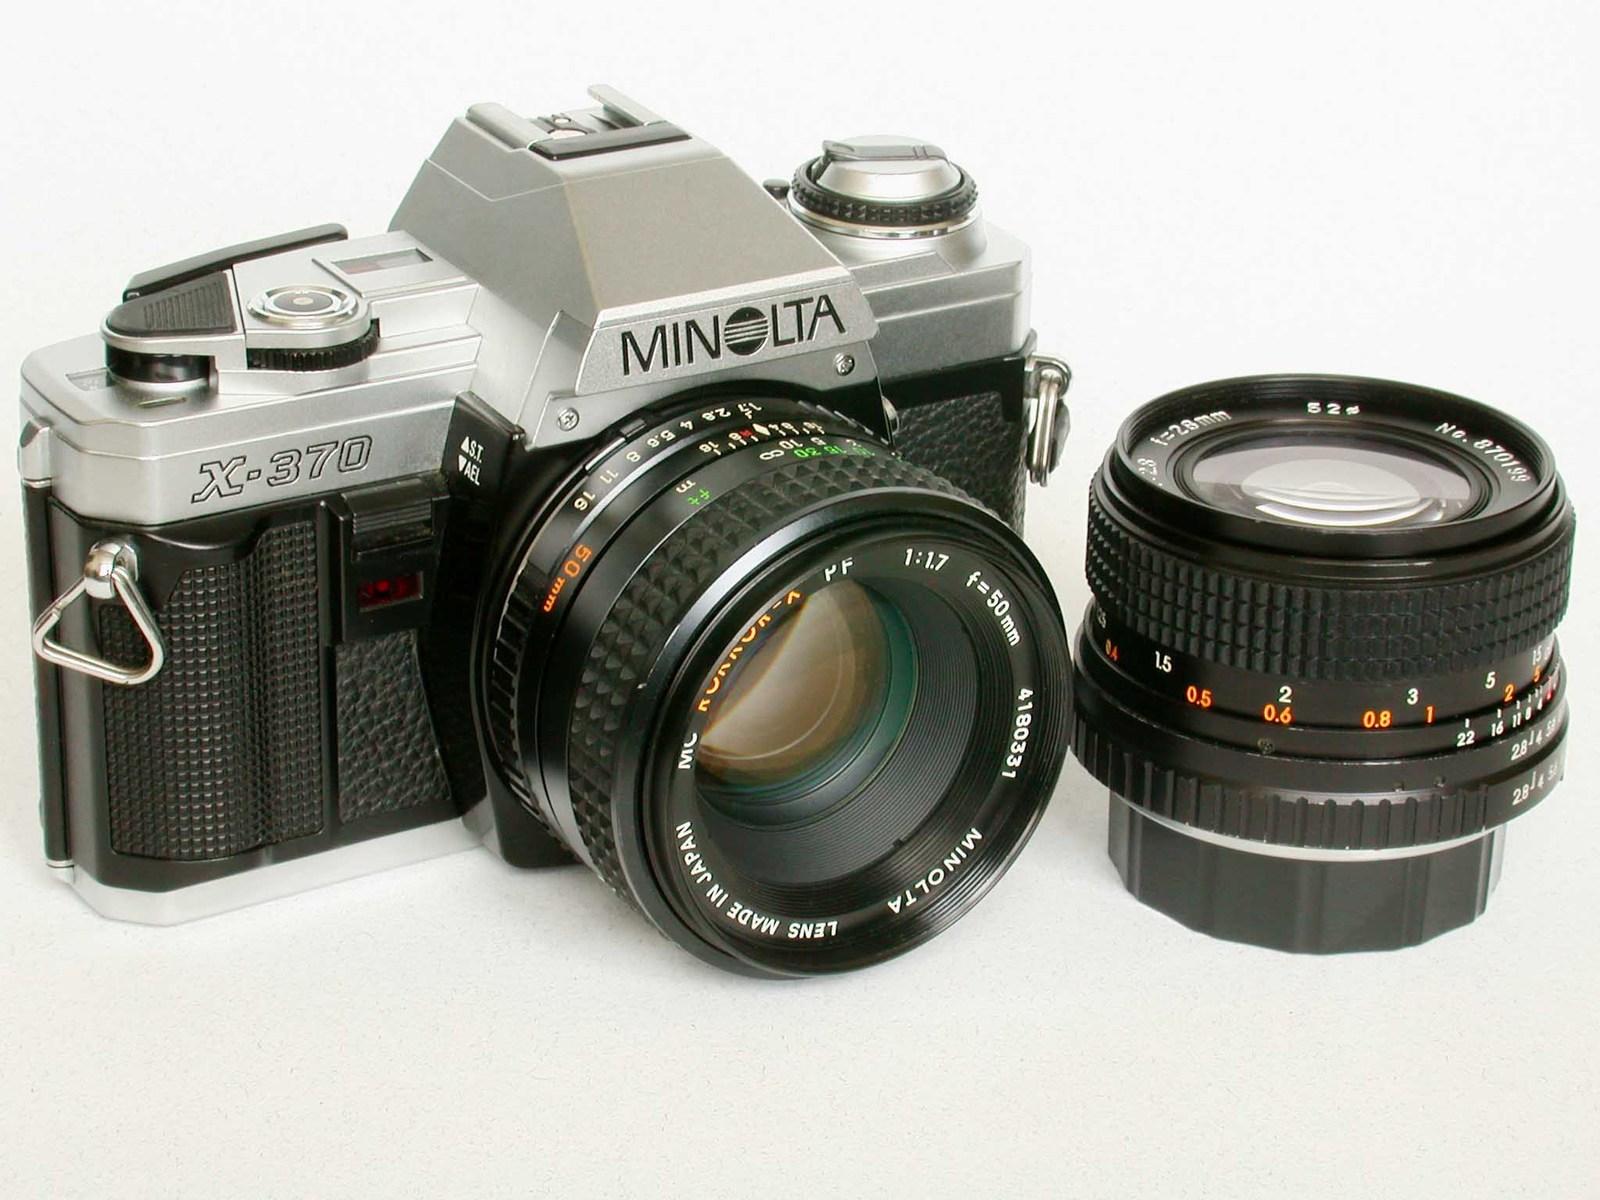 Minolta X-370 35mm SLR Camera & Minolta MD 50mm f/1.7 ...